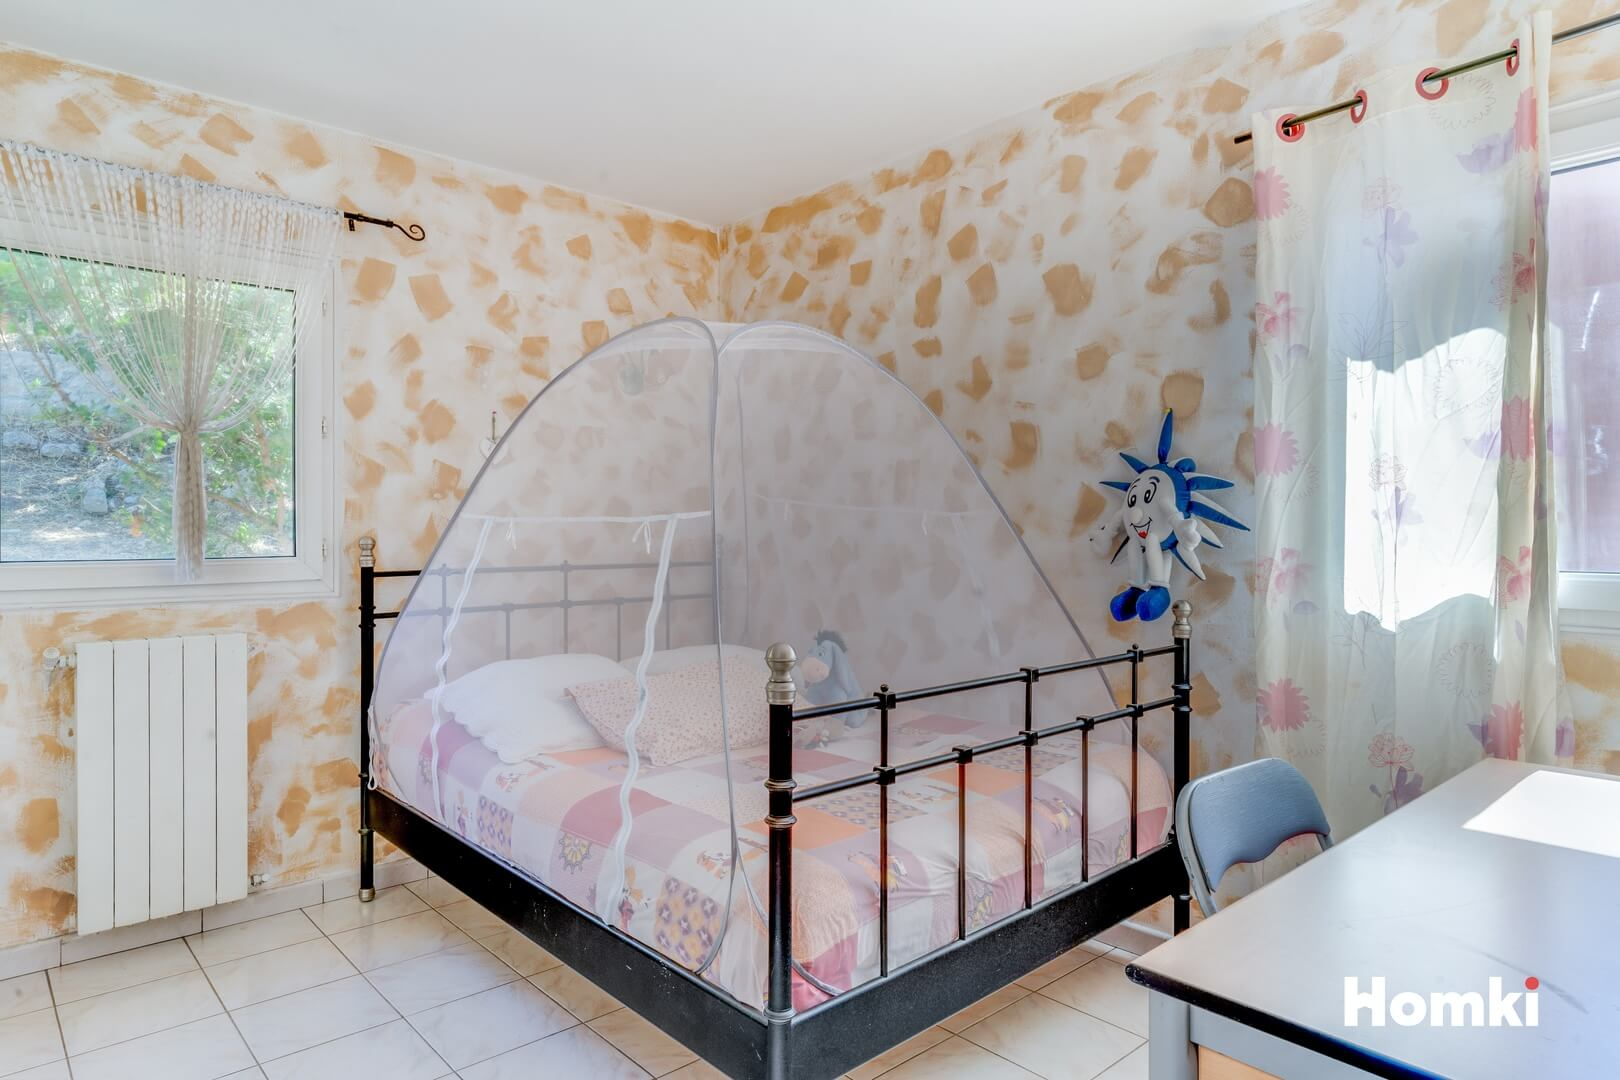 Homki - Vente Maison/villa  de 120.0 m² à Marseille 13011